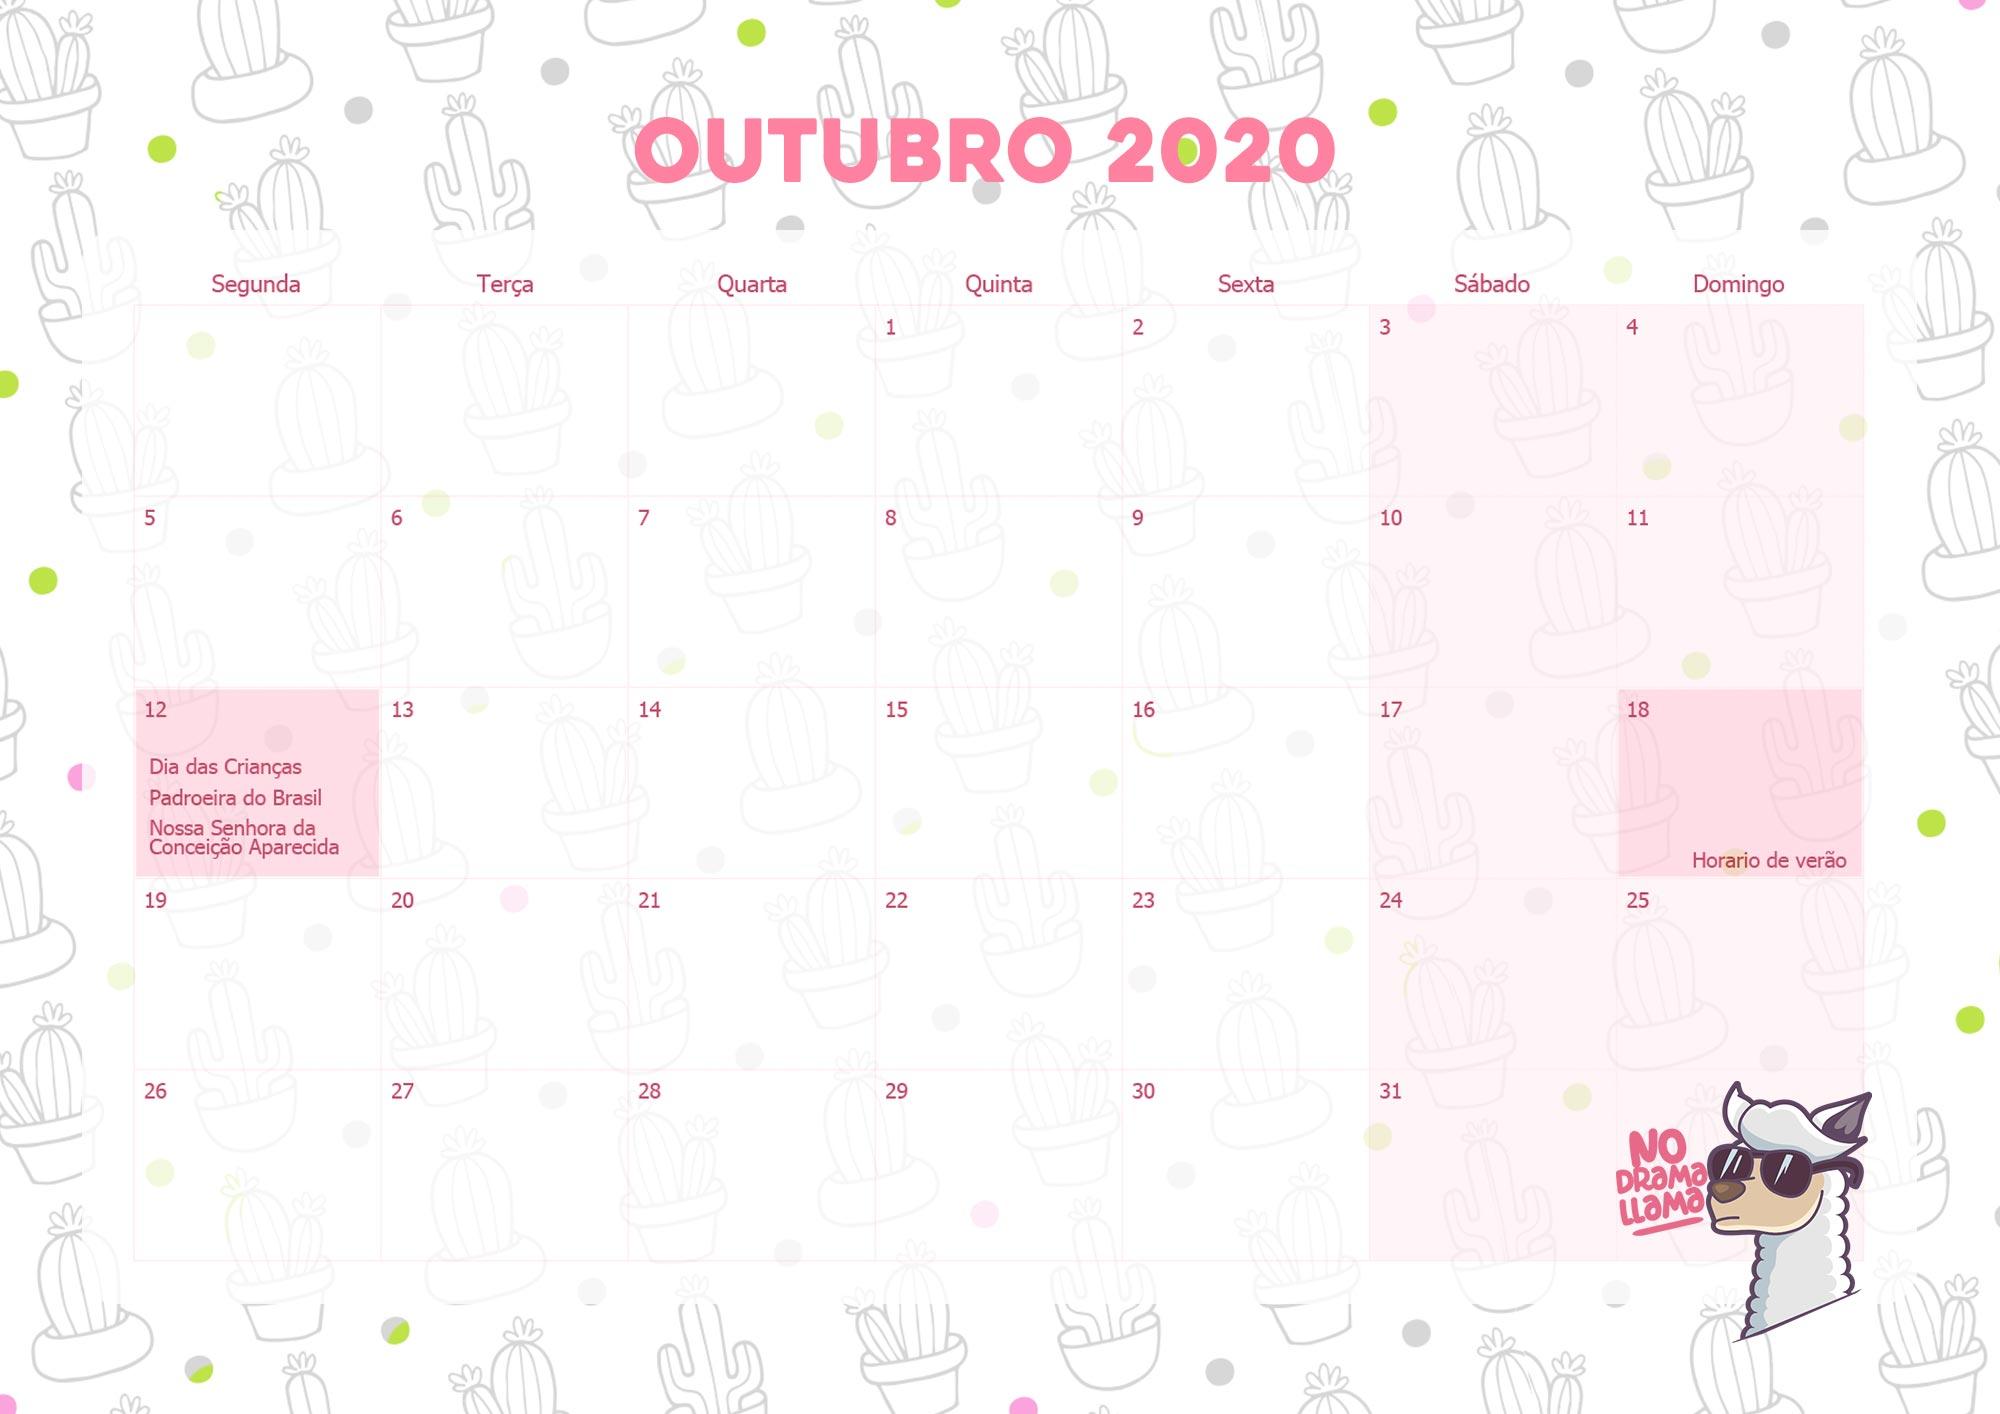 Calendario Mensal Lhama Drama 2020 Outubro